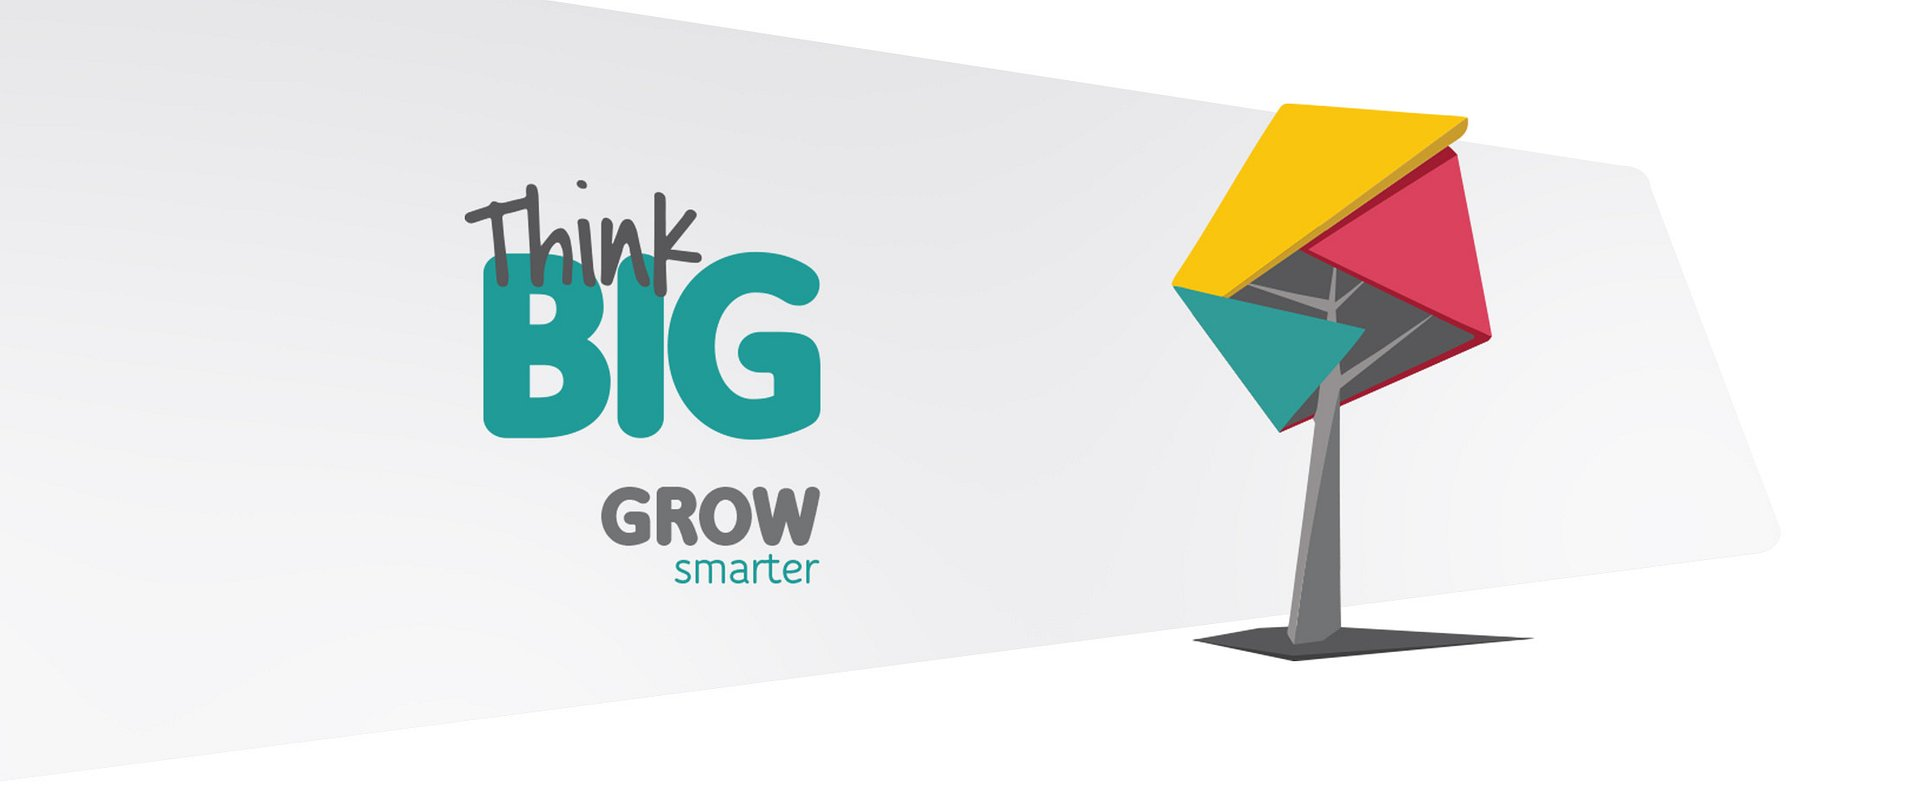 Znamy półfinalistów programu UPC Polska THINK BIG: Grow Smarter!